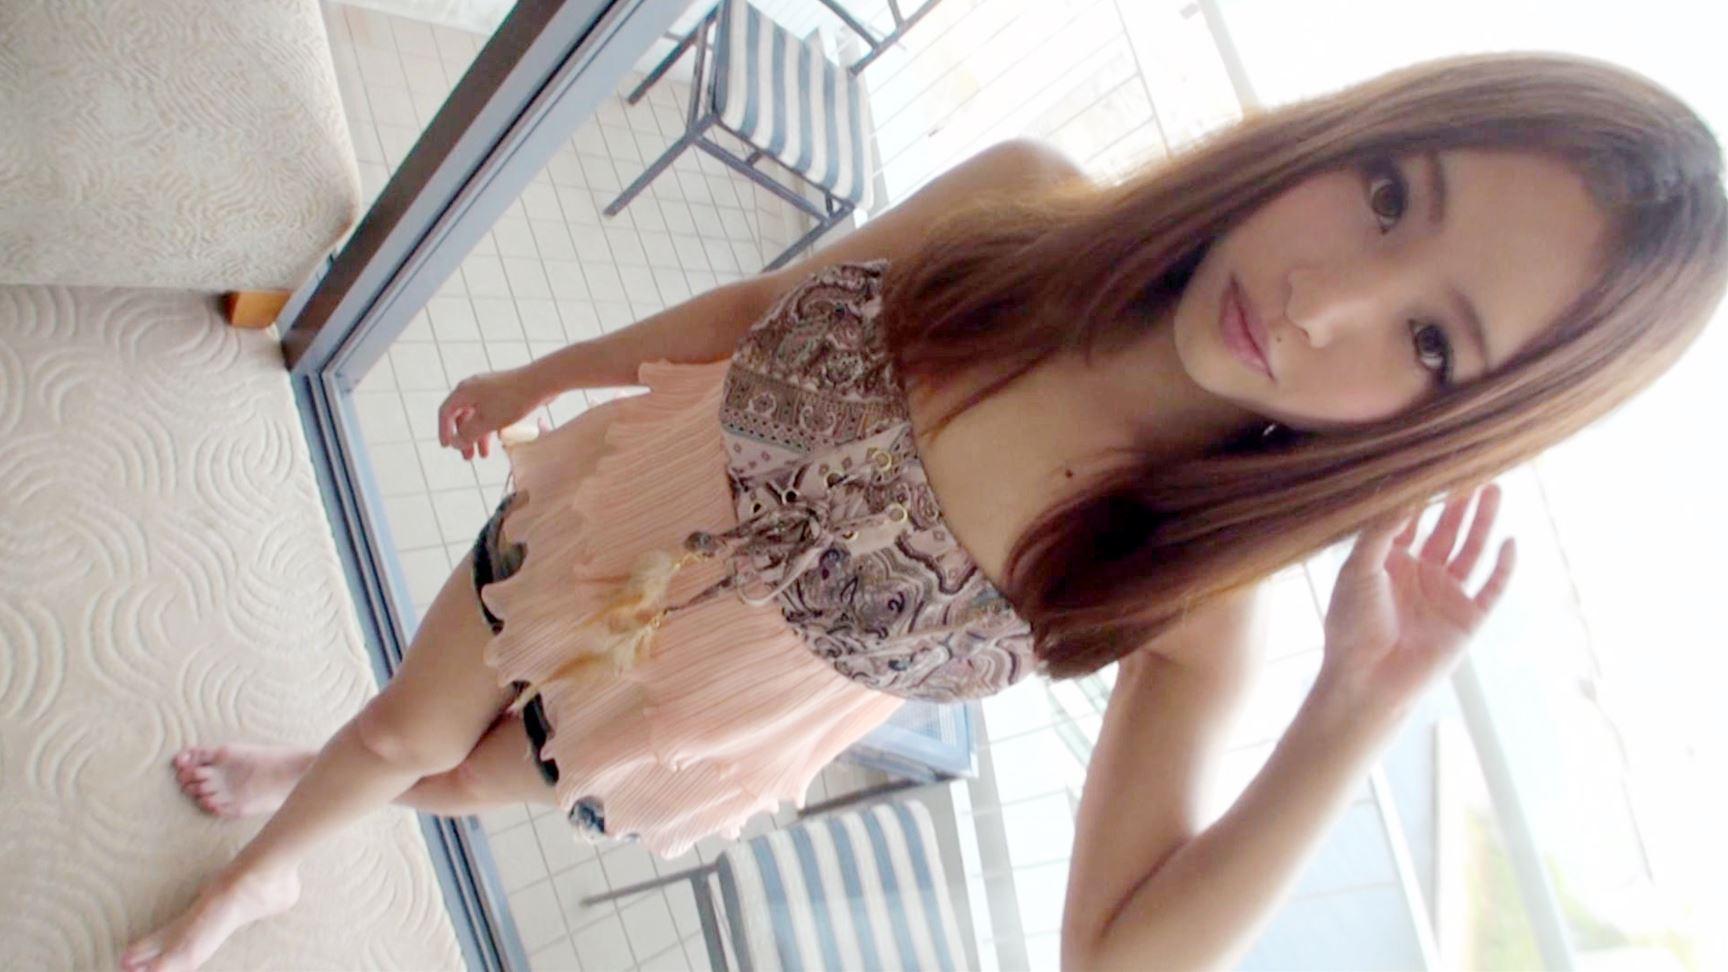 絵美 20歳 アパレル店員 - 天然パイパンのスレンダー素人 3